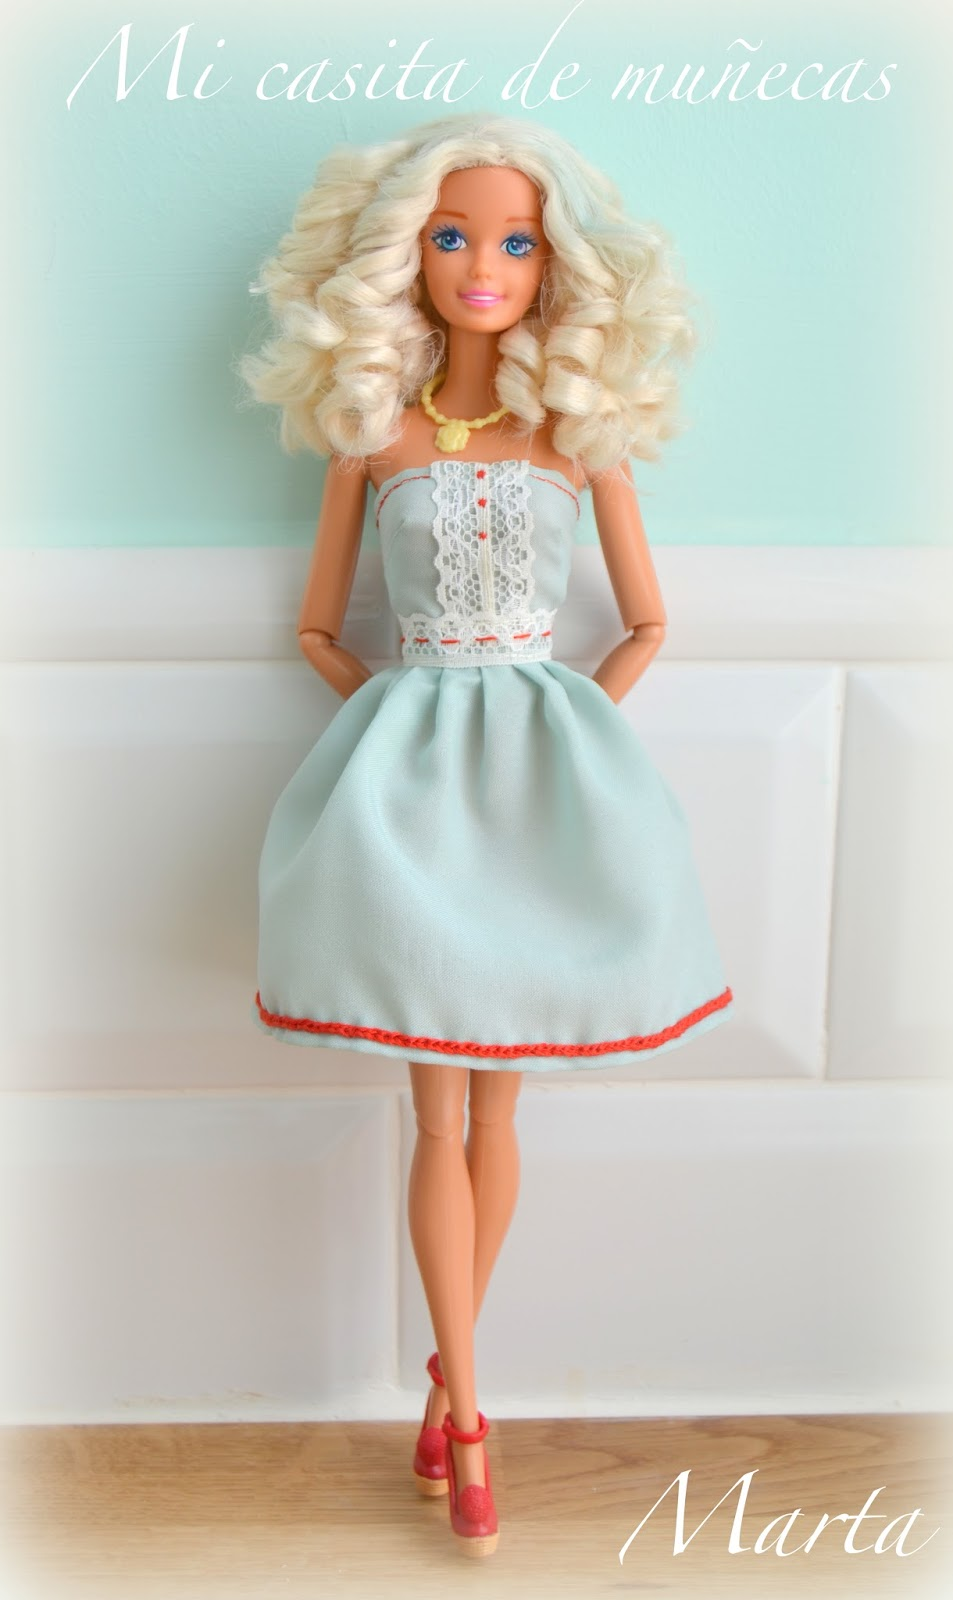 Barbie pelo rizado. Blog Mi casita de Muñecas